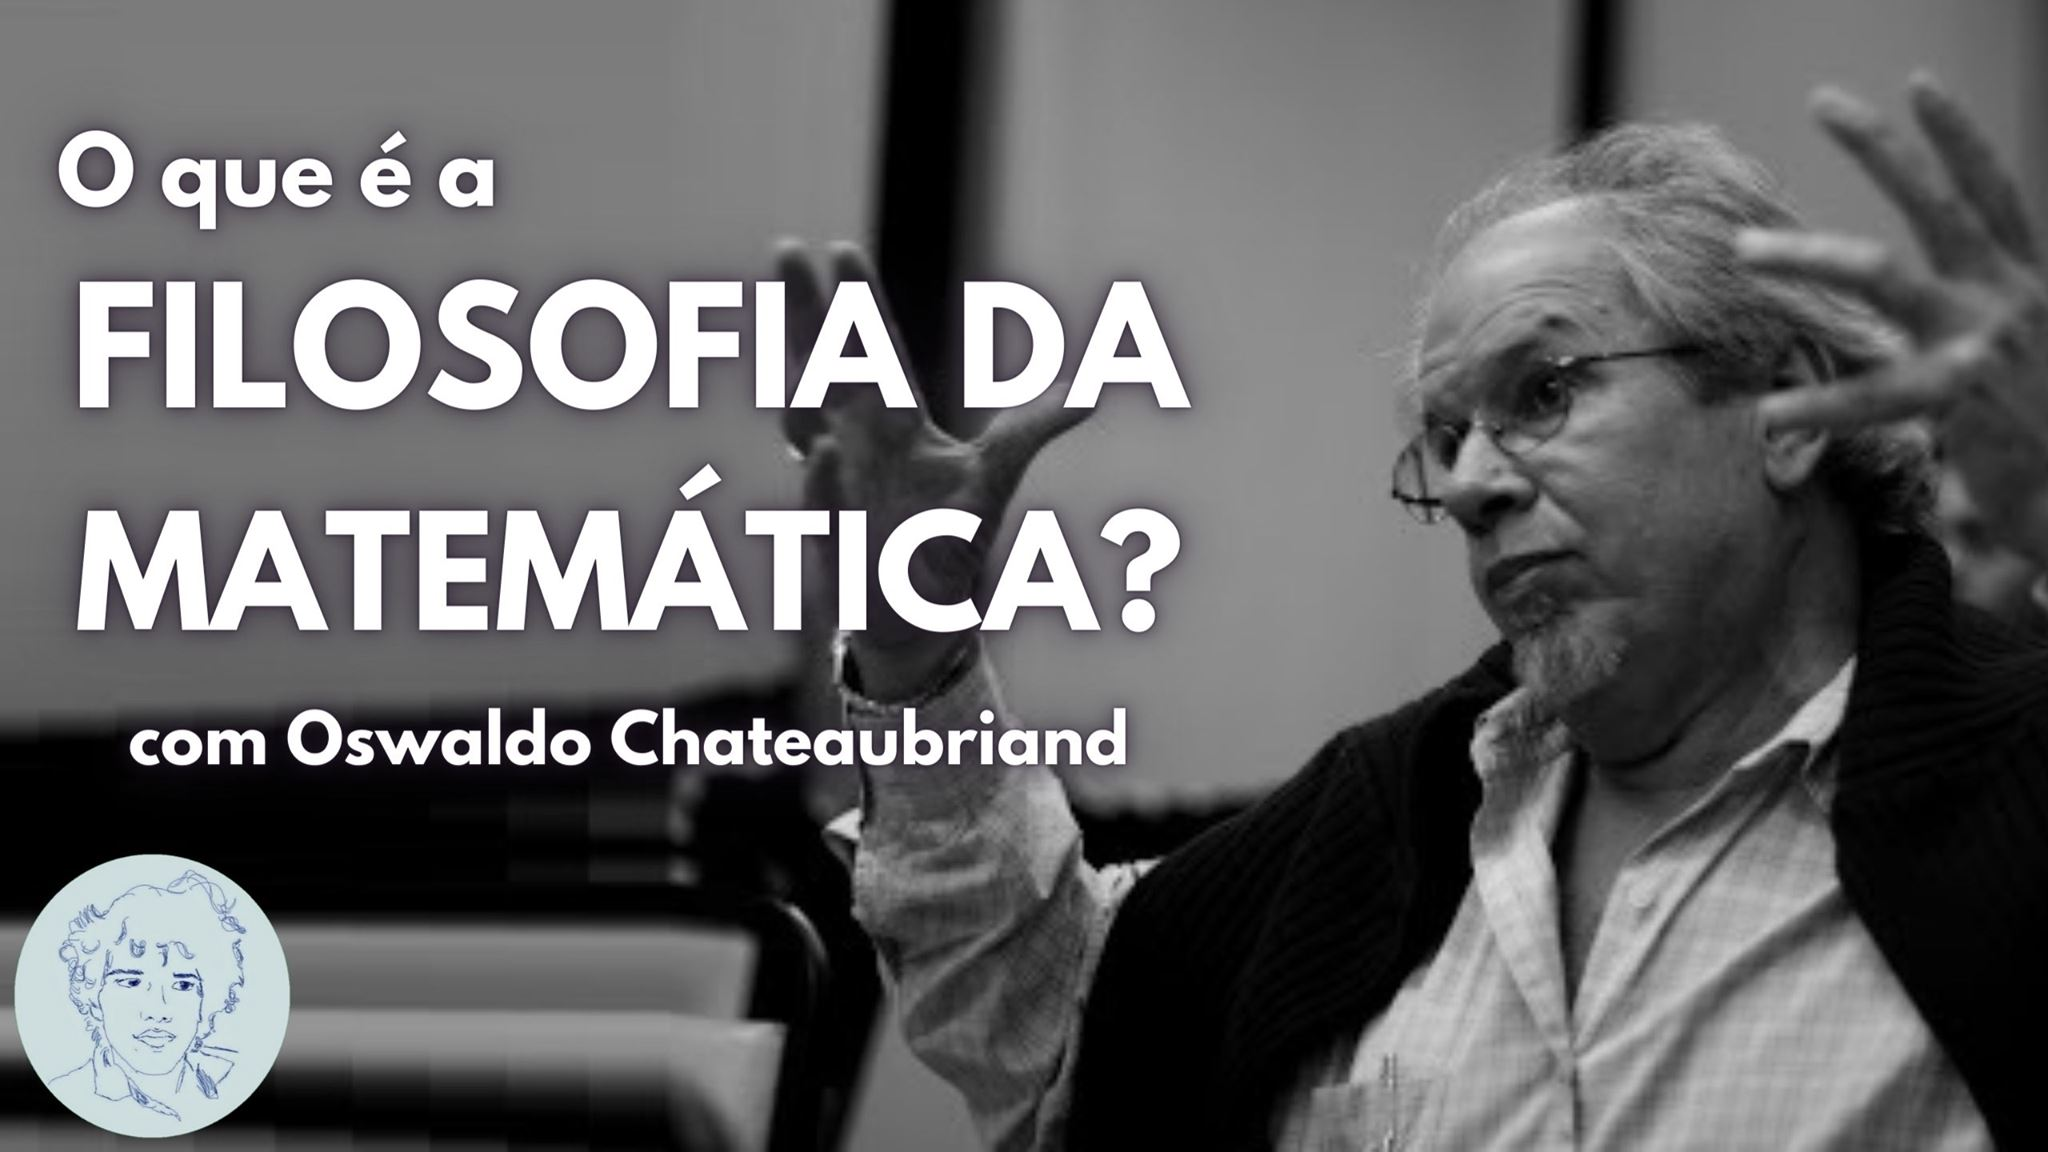 Filosofia da Matemática com Oswaldo Chateaubriand | Entrevistas Ao Vivo